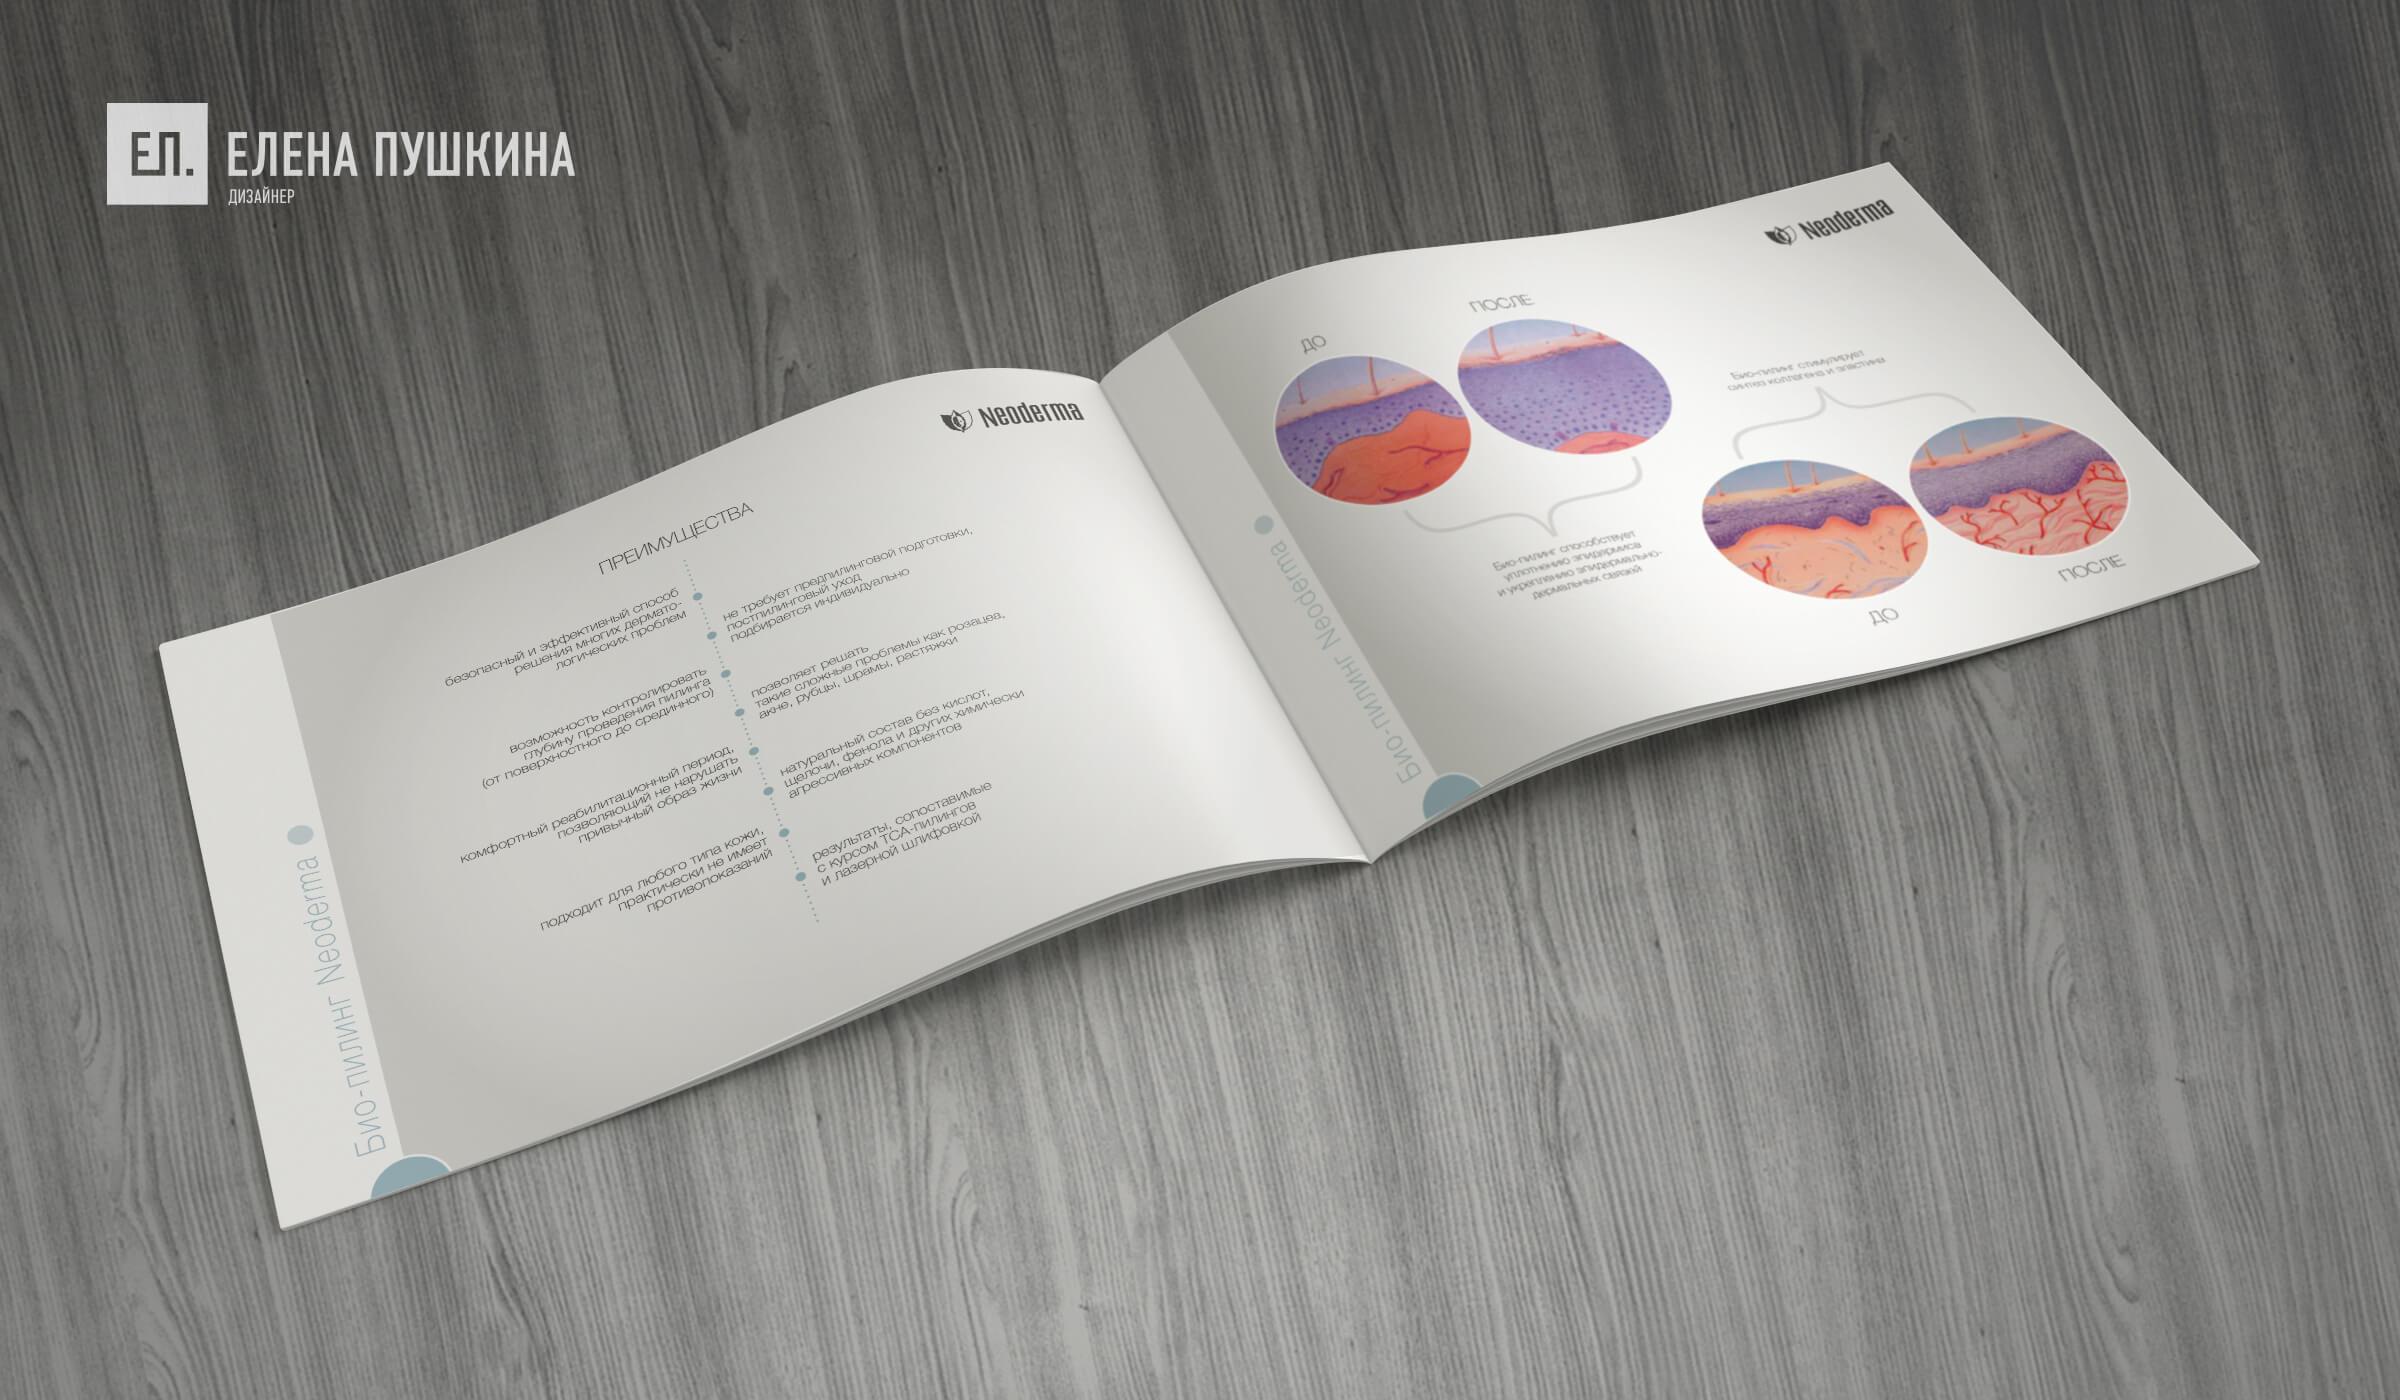 Каталог косметической продукции «NEODERMA»— дизайн с«нуля» обложки, макета ивёрстка каталога Дизайн каталогов Портфолио